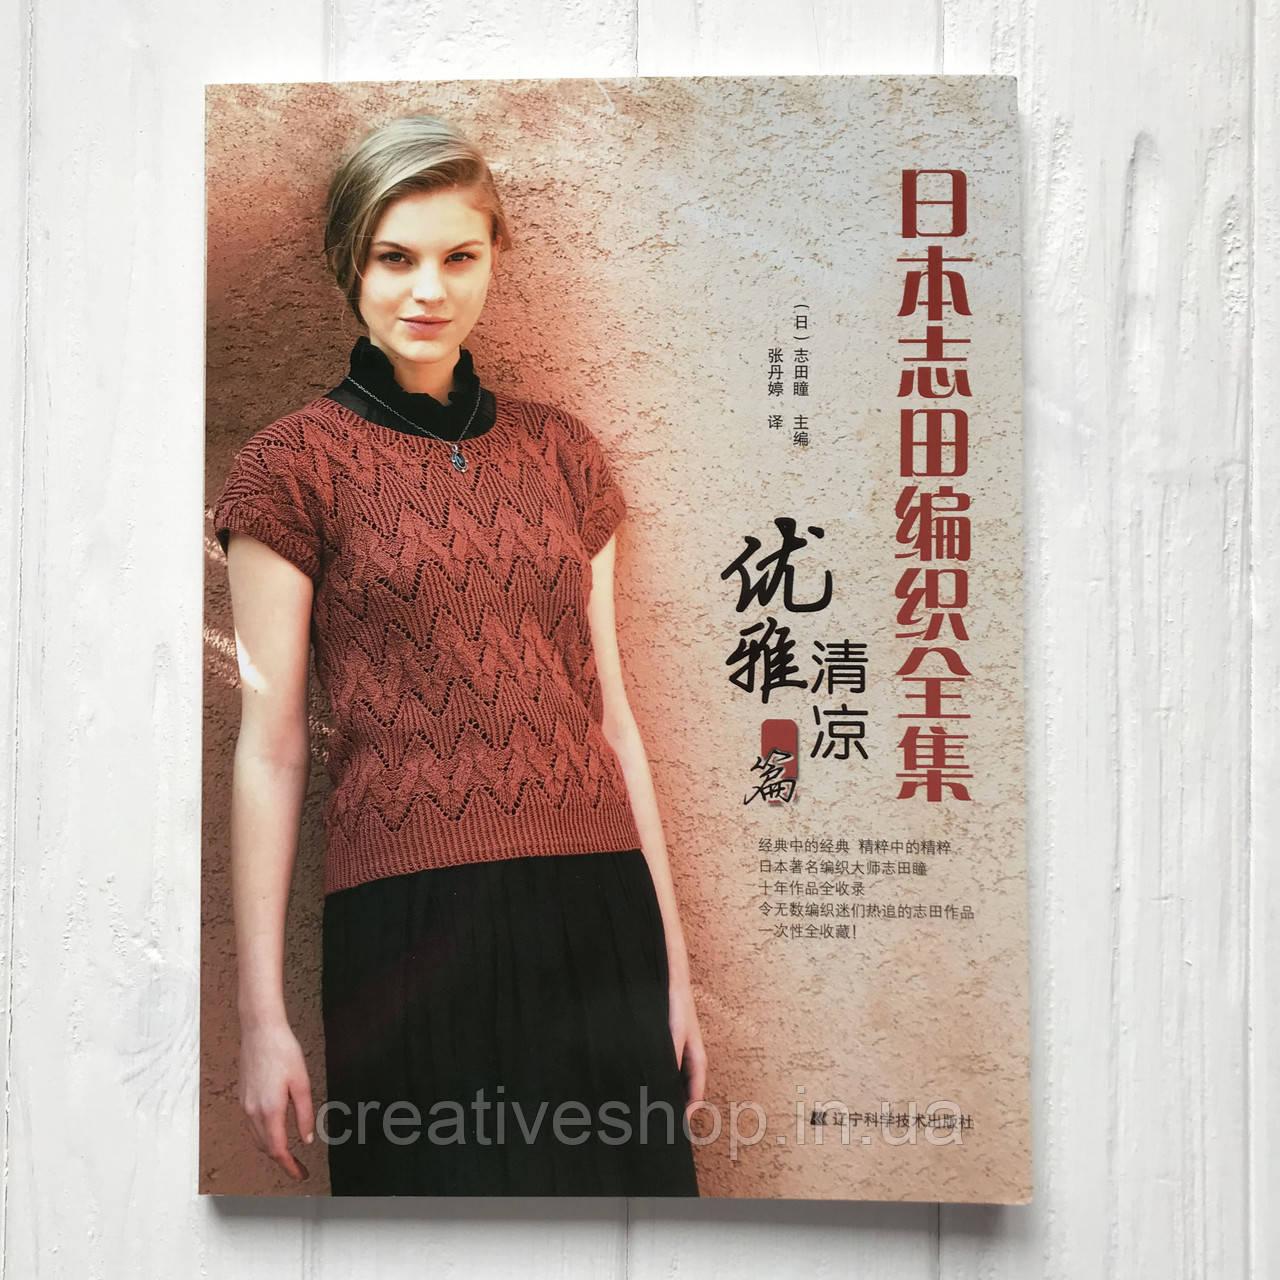 японский журнал по вязанию 60 моделей спицами и крючком